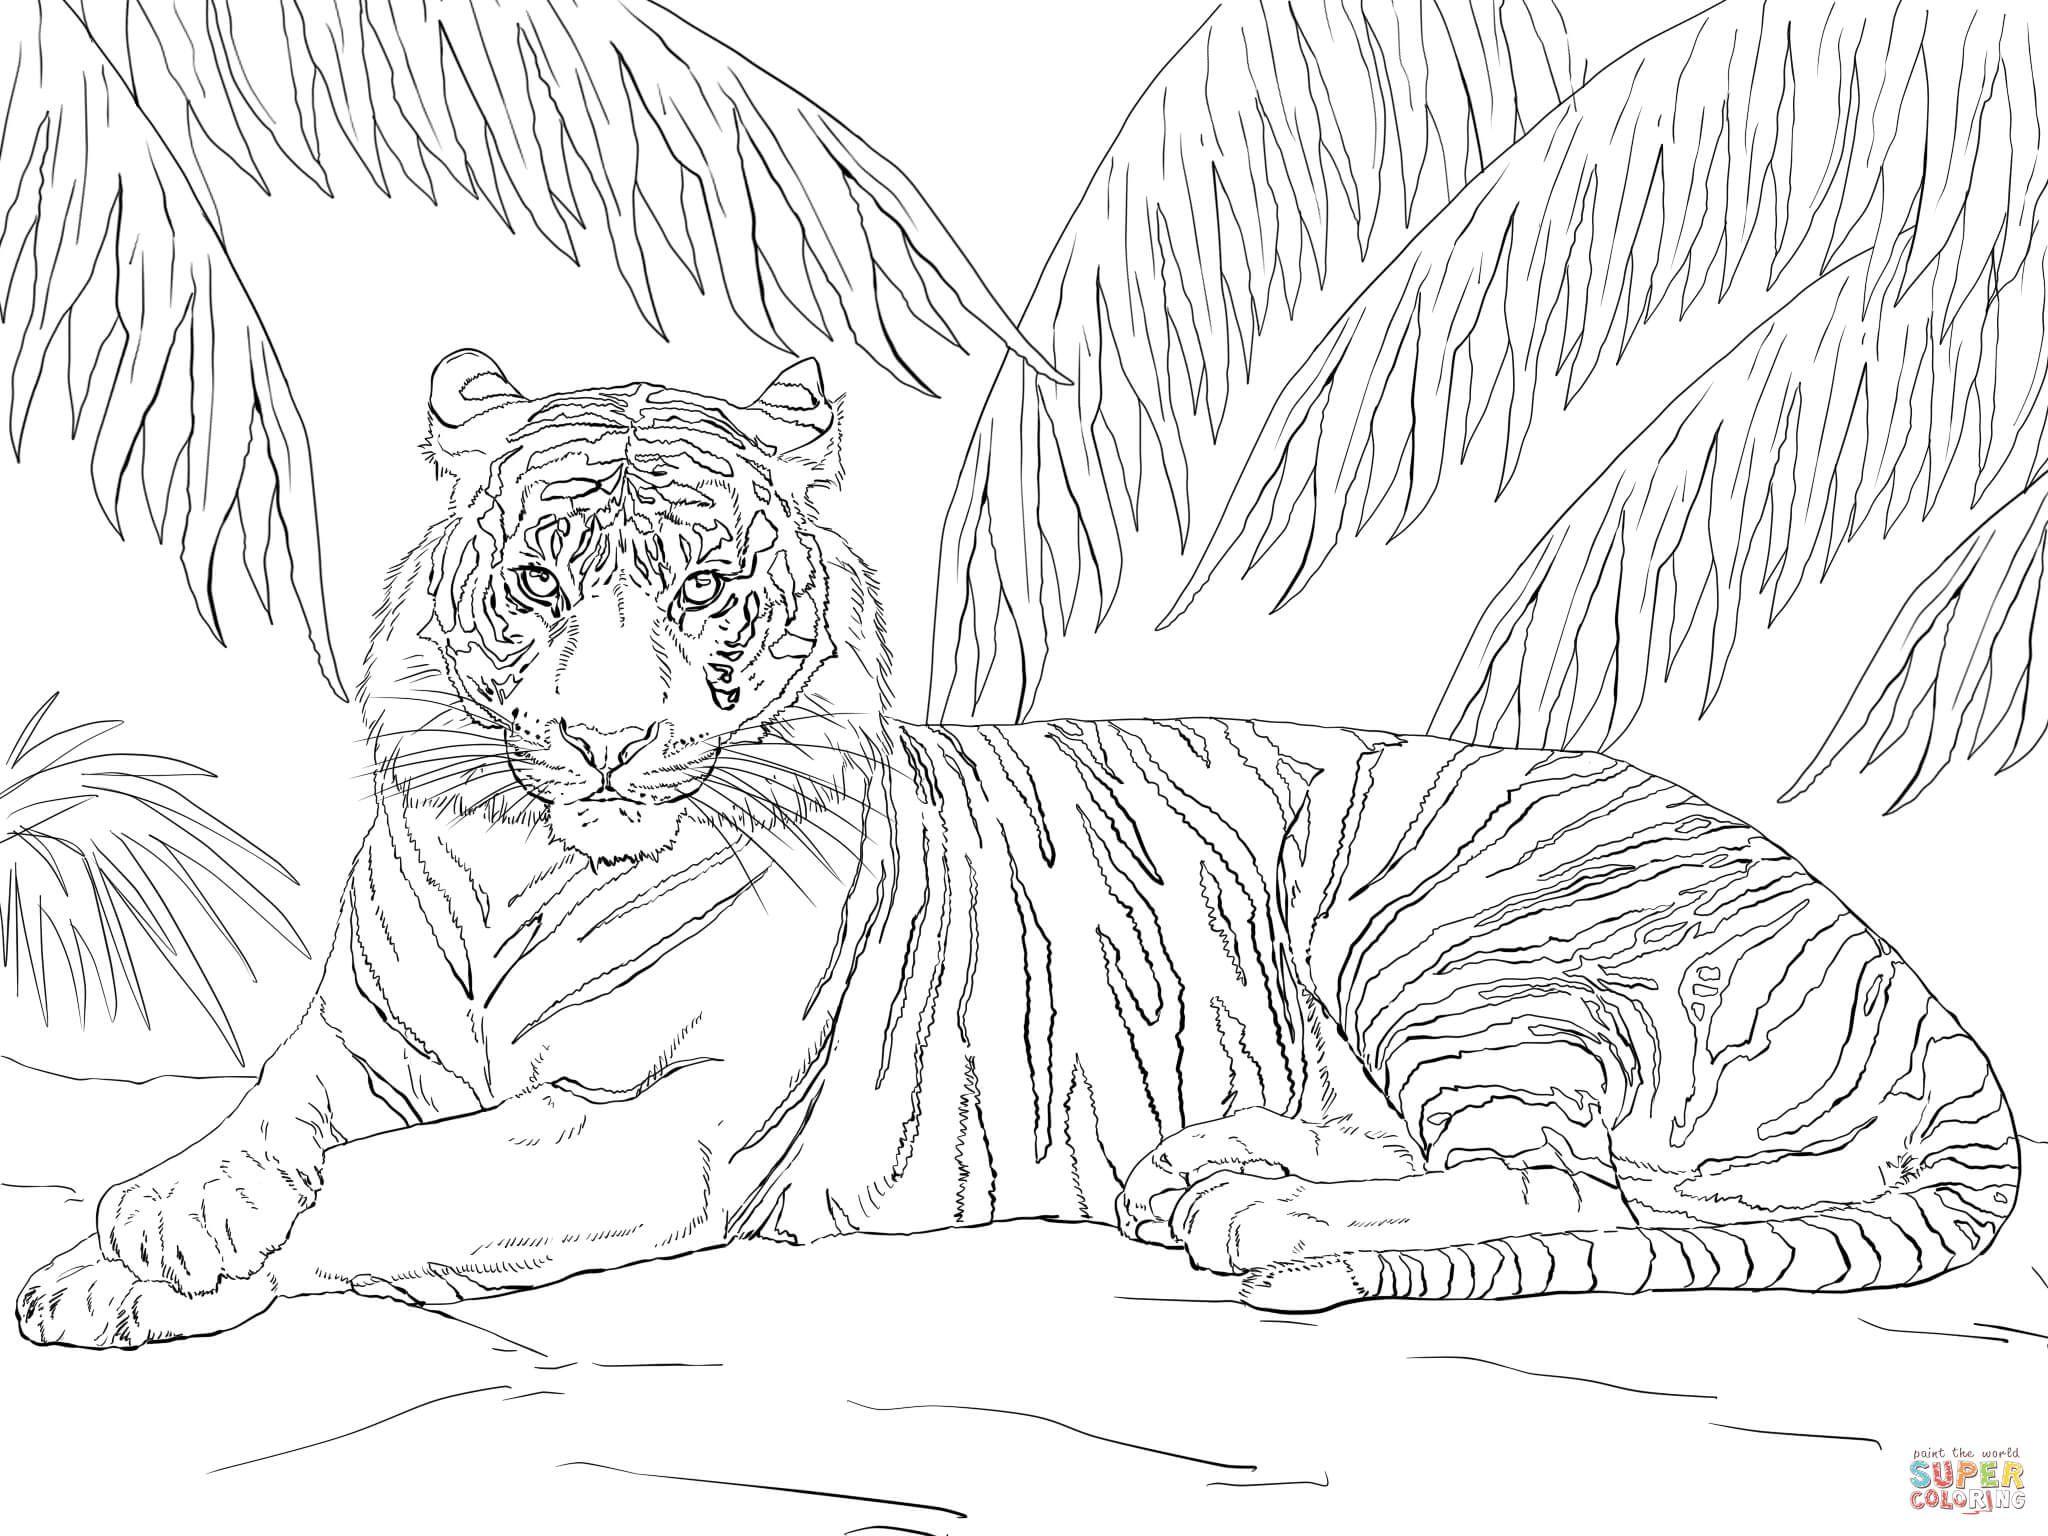 Sumatran Tiger Laying Down